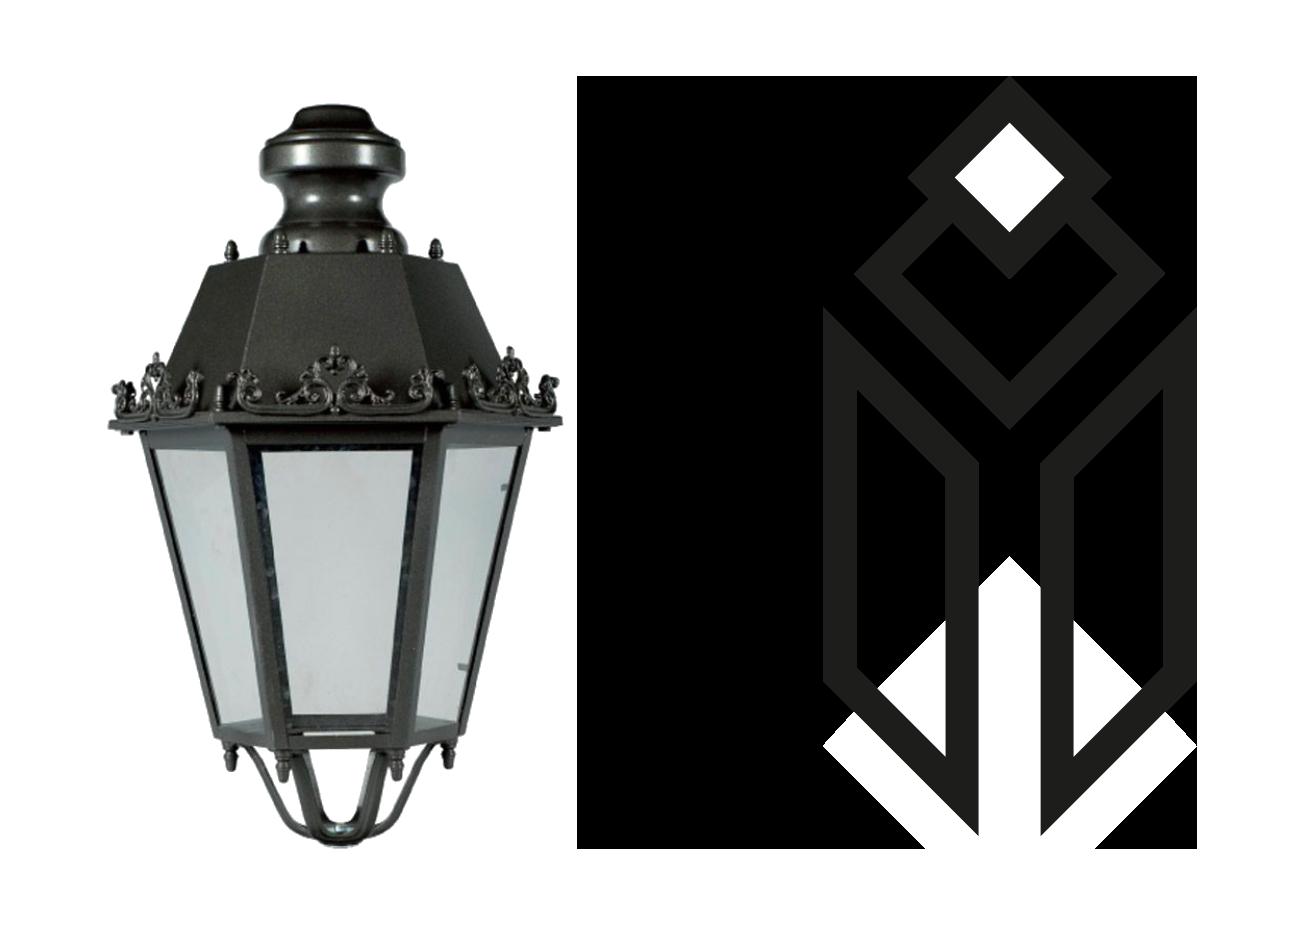 la lampada sintetizzata nelle sue forme base come punto di partenza del progetto